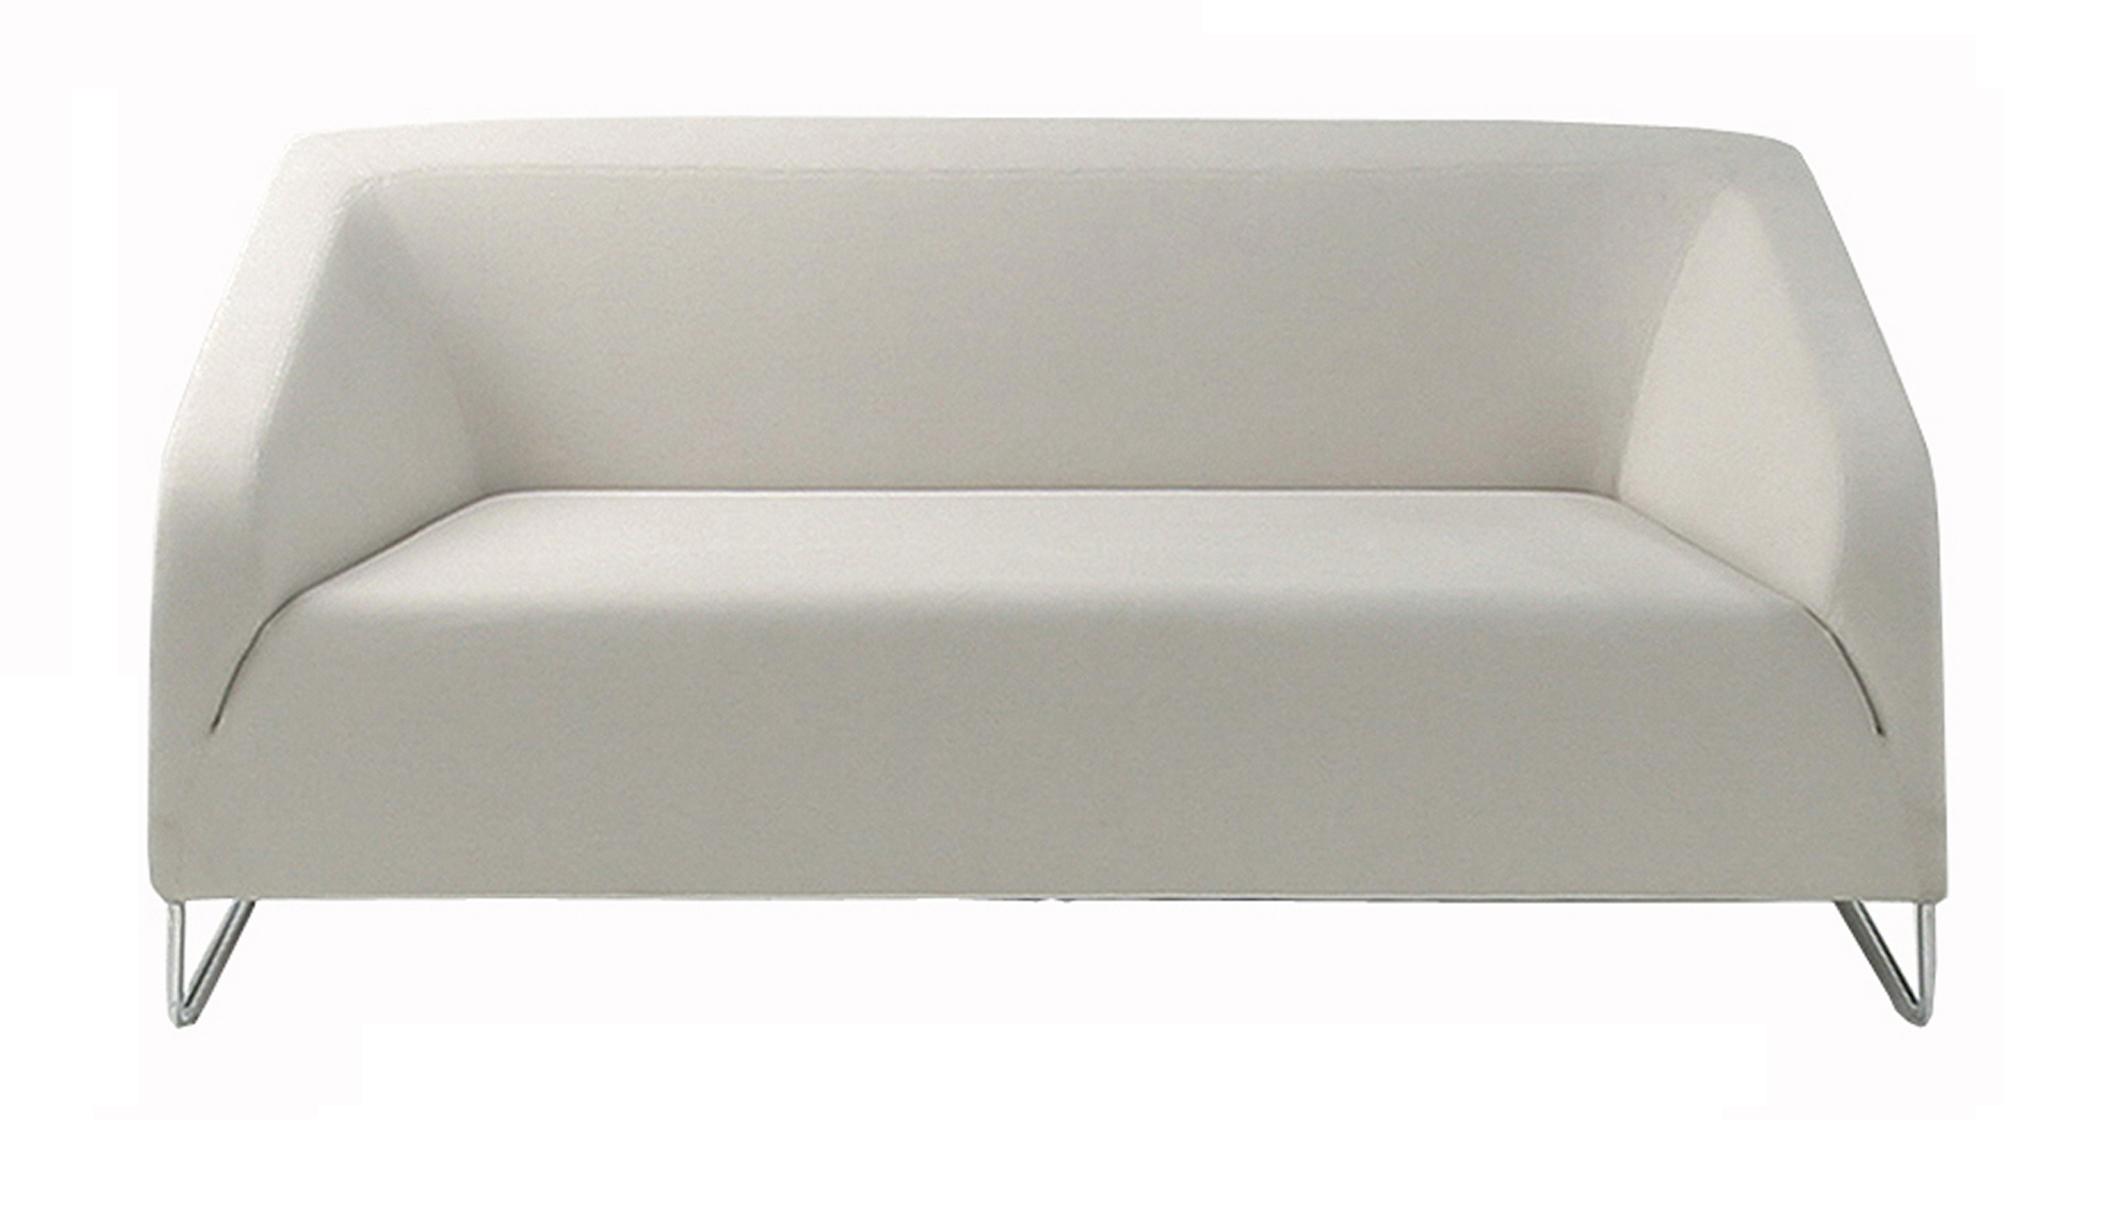 2 + 2 Seater Fabric Cushion Sofa